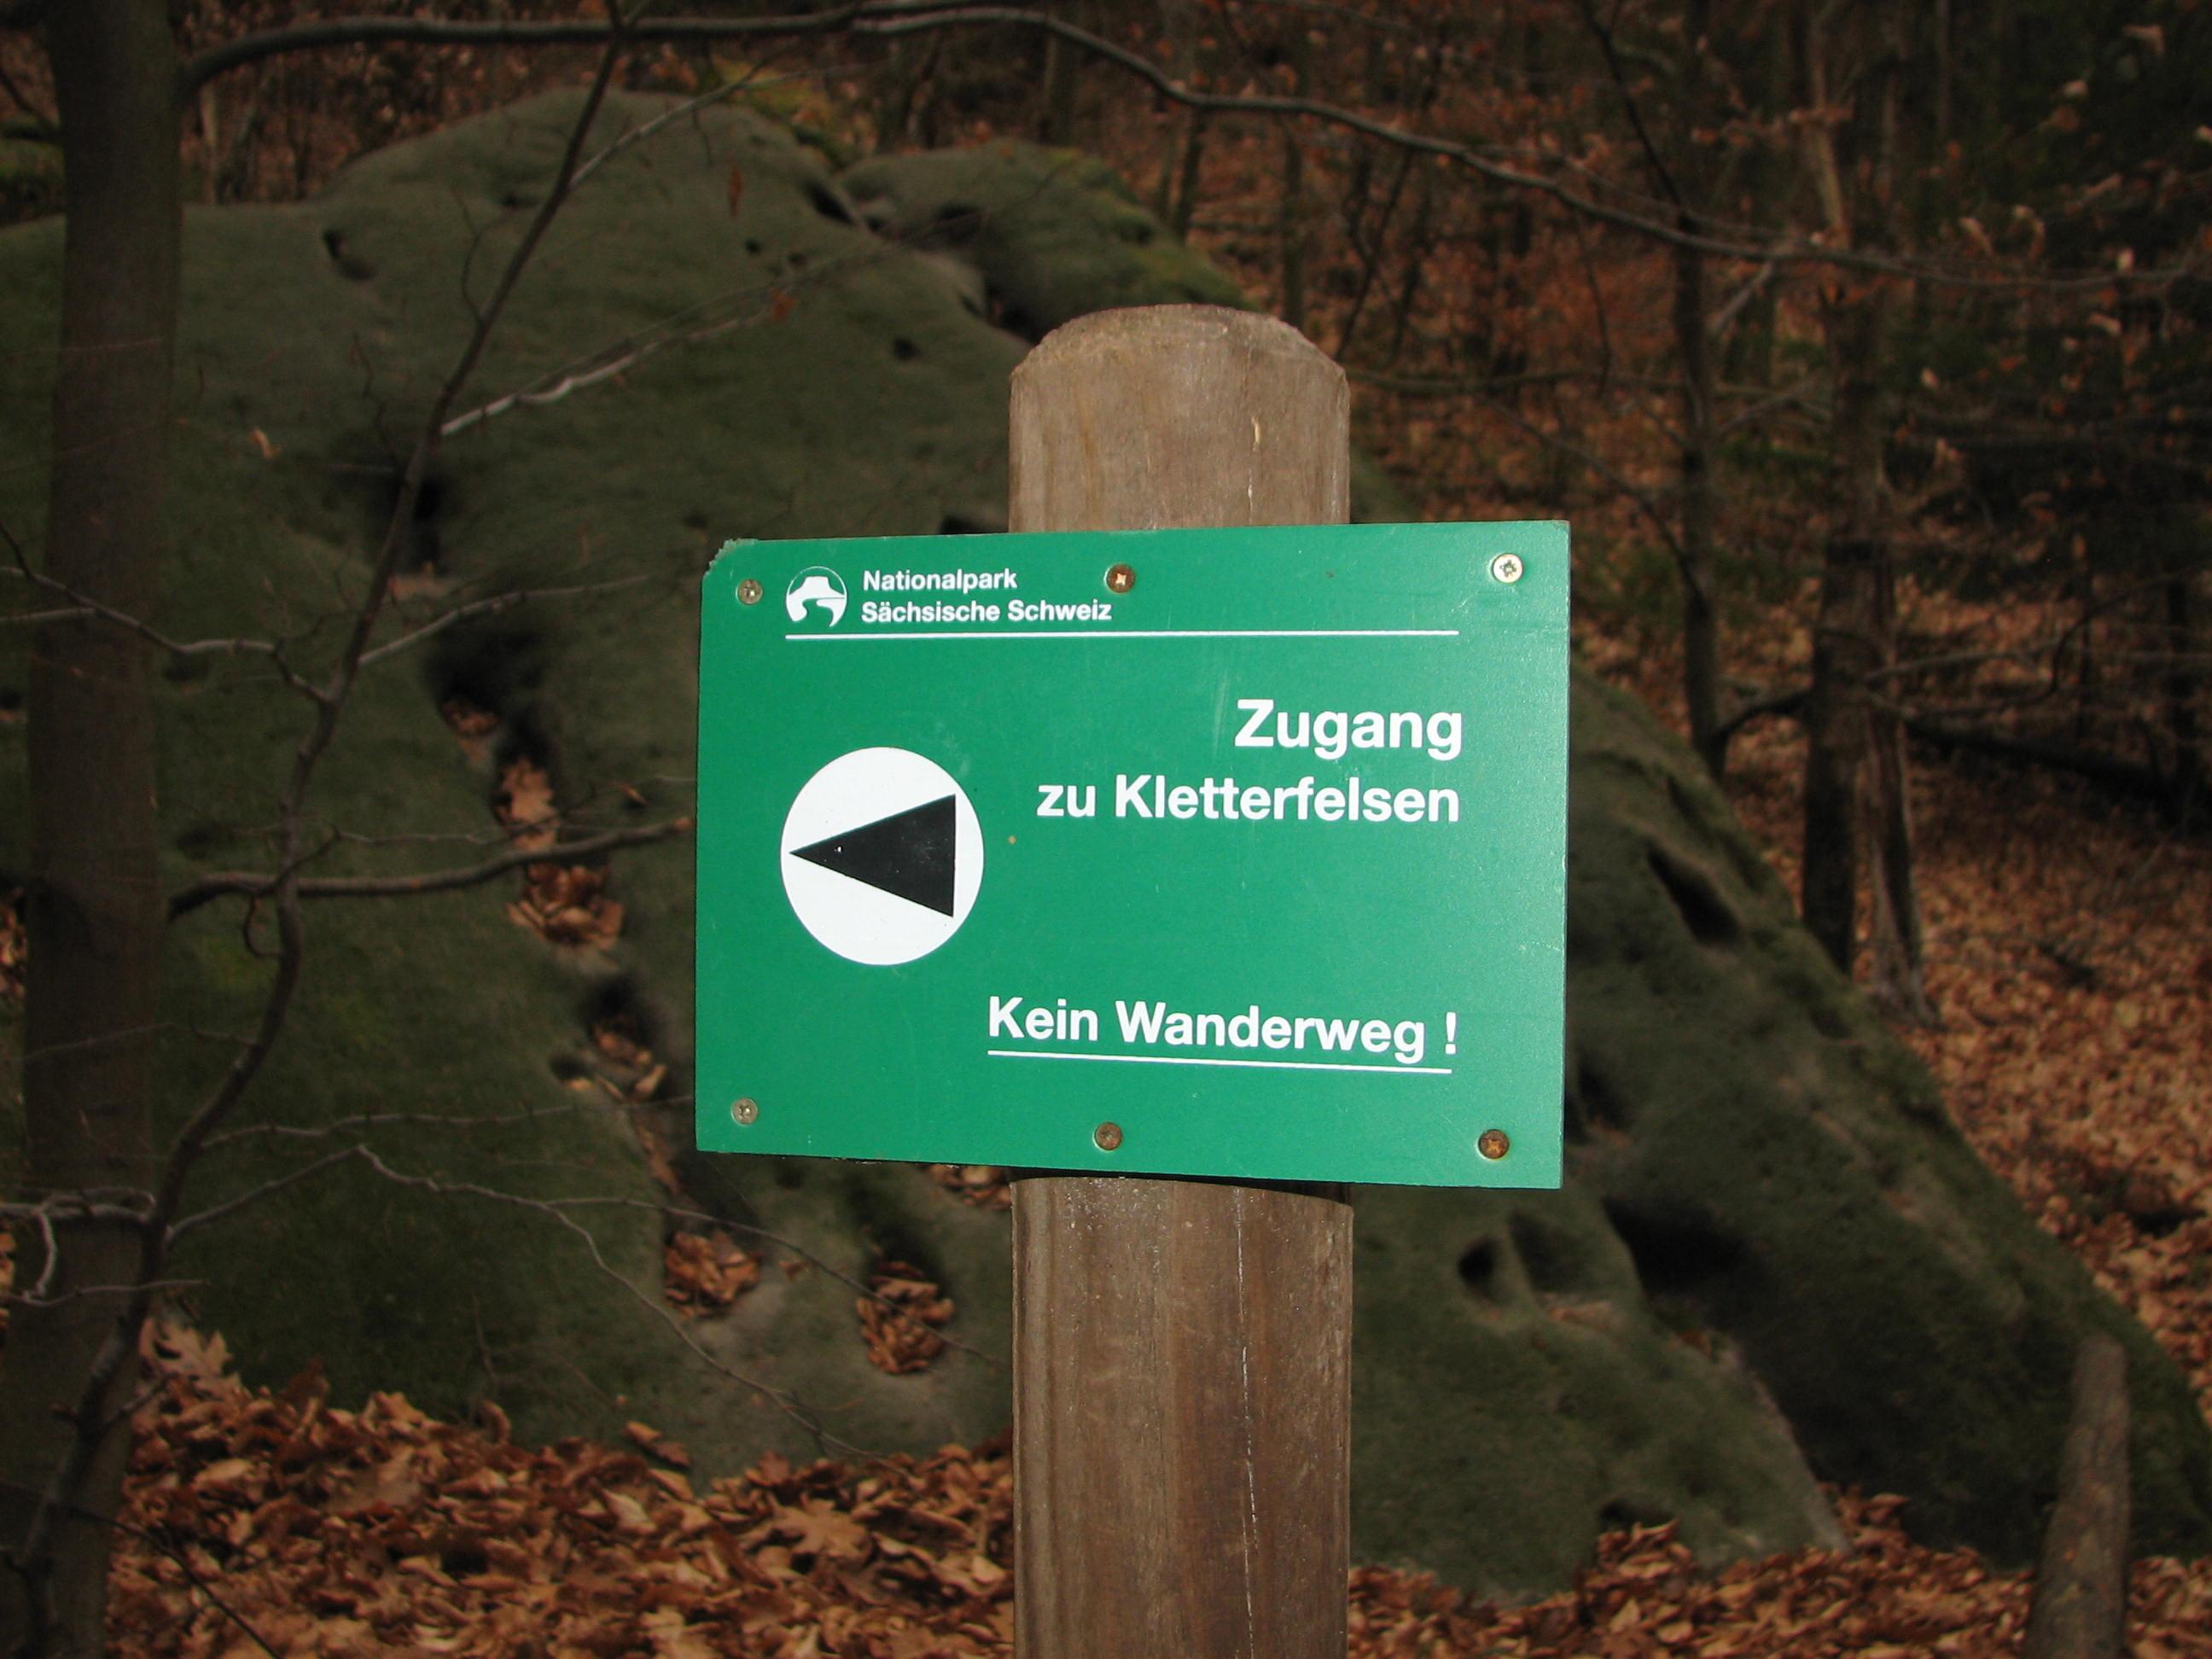 Klettersteig Sächsische Schweiz : Klettersteig wolkensteiner hag und wolfspfad in wolkenstein